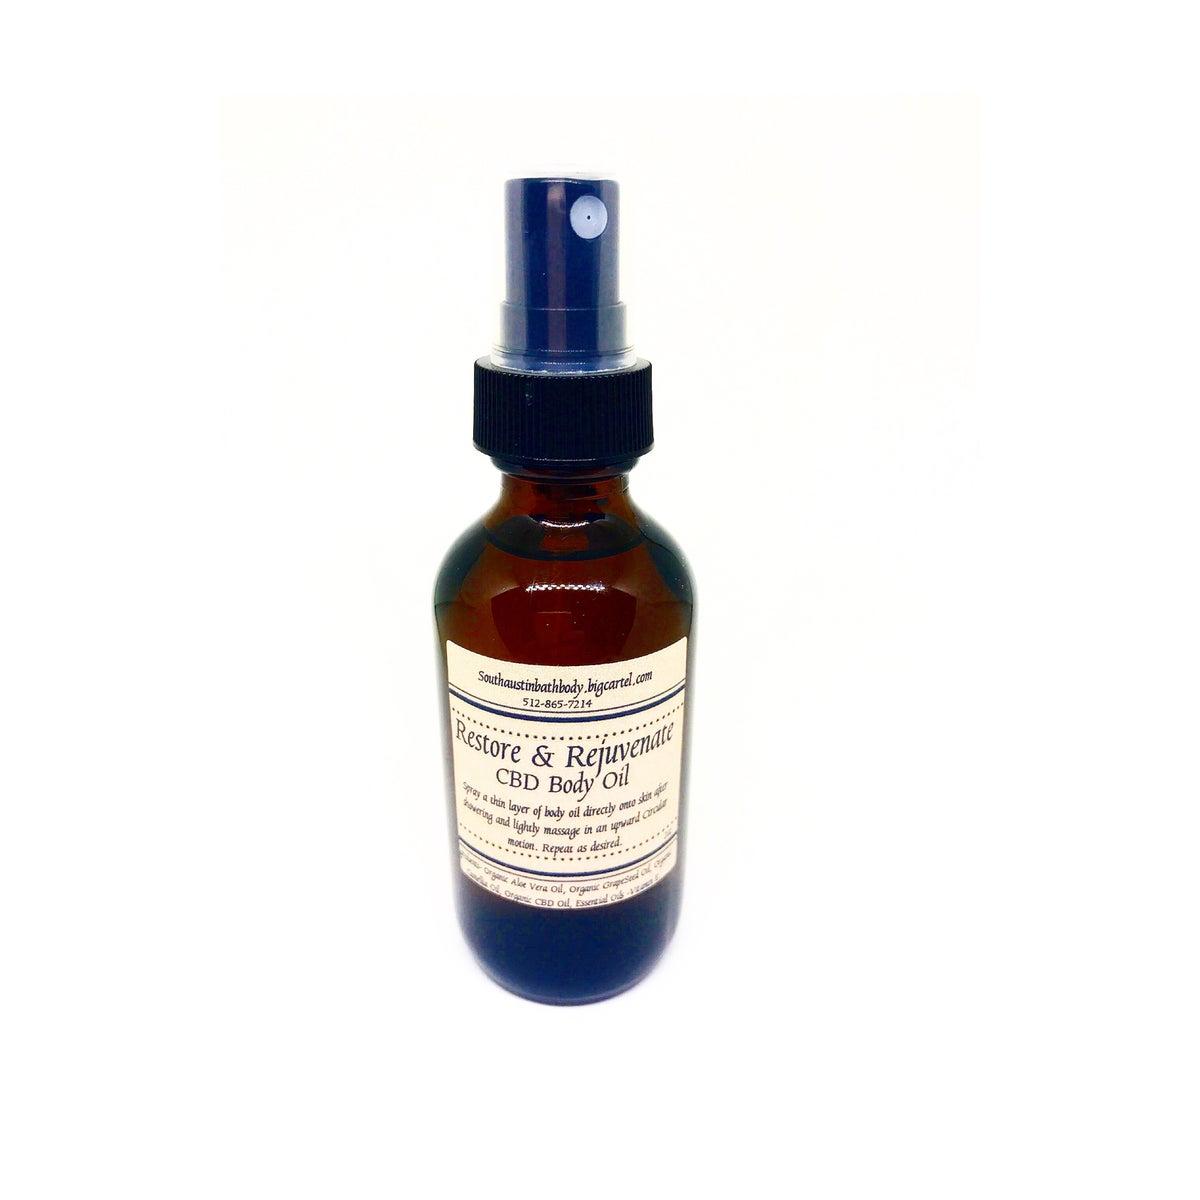 Image of *CBD Restore & Rejuvenate Body Oil.              2oz